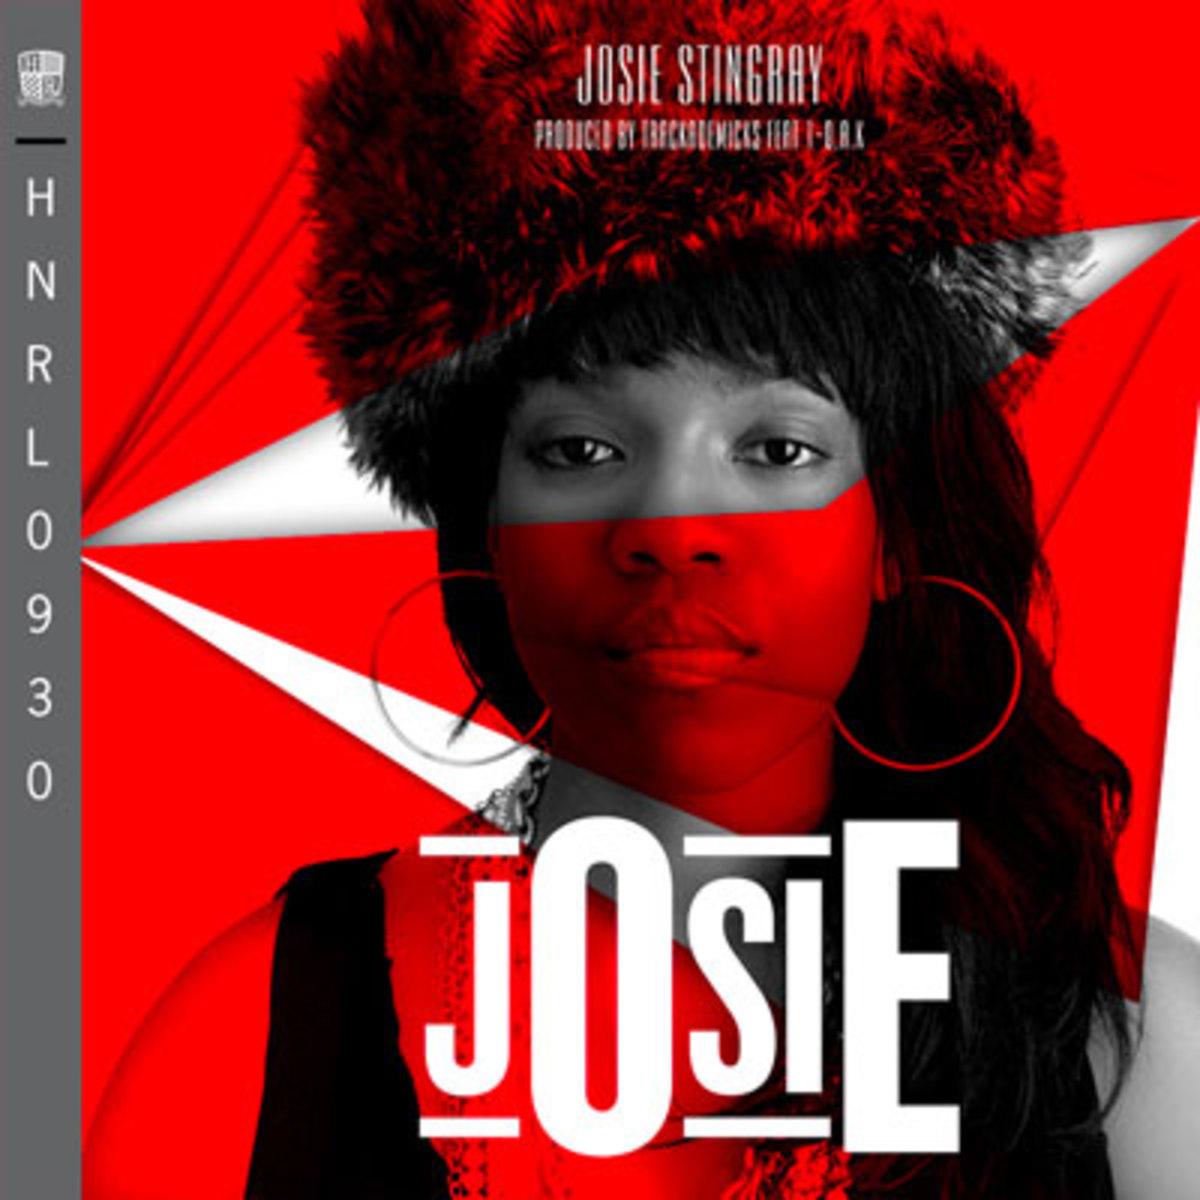 josiestingray-josie.jpg